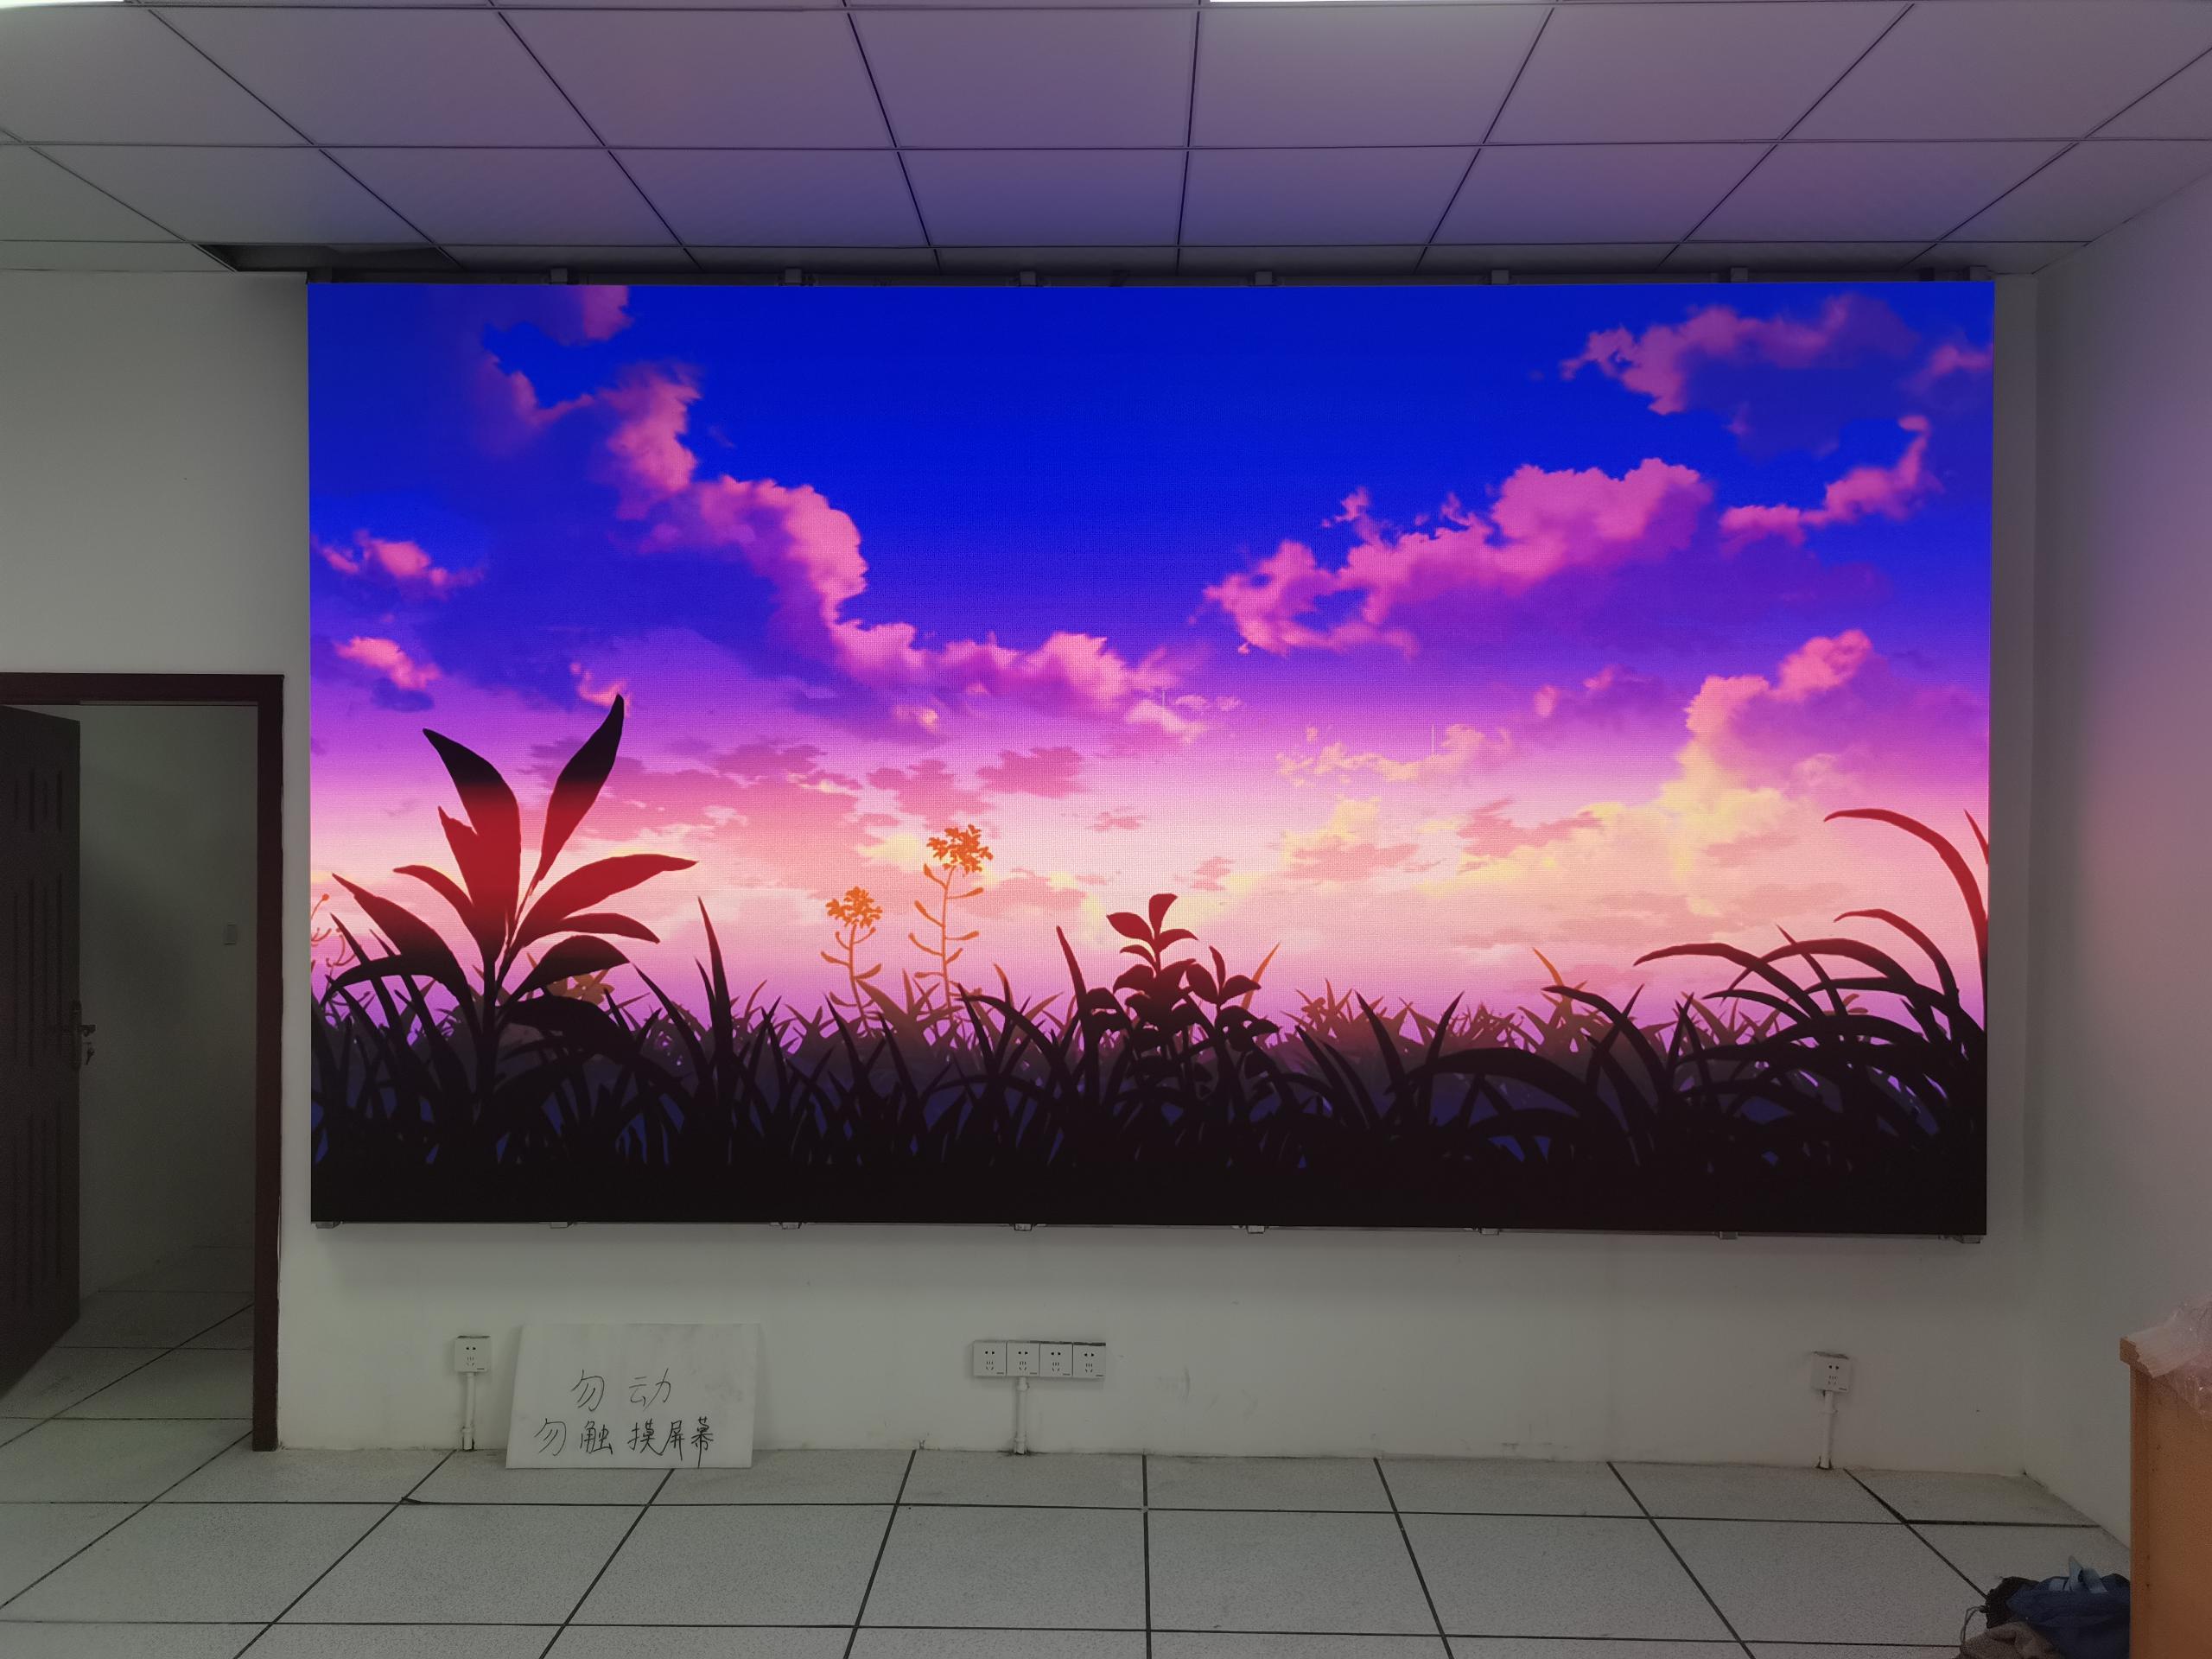 渝北公安局室内P1.56LED显示屏